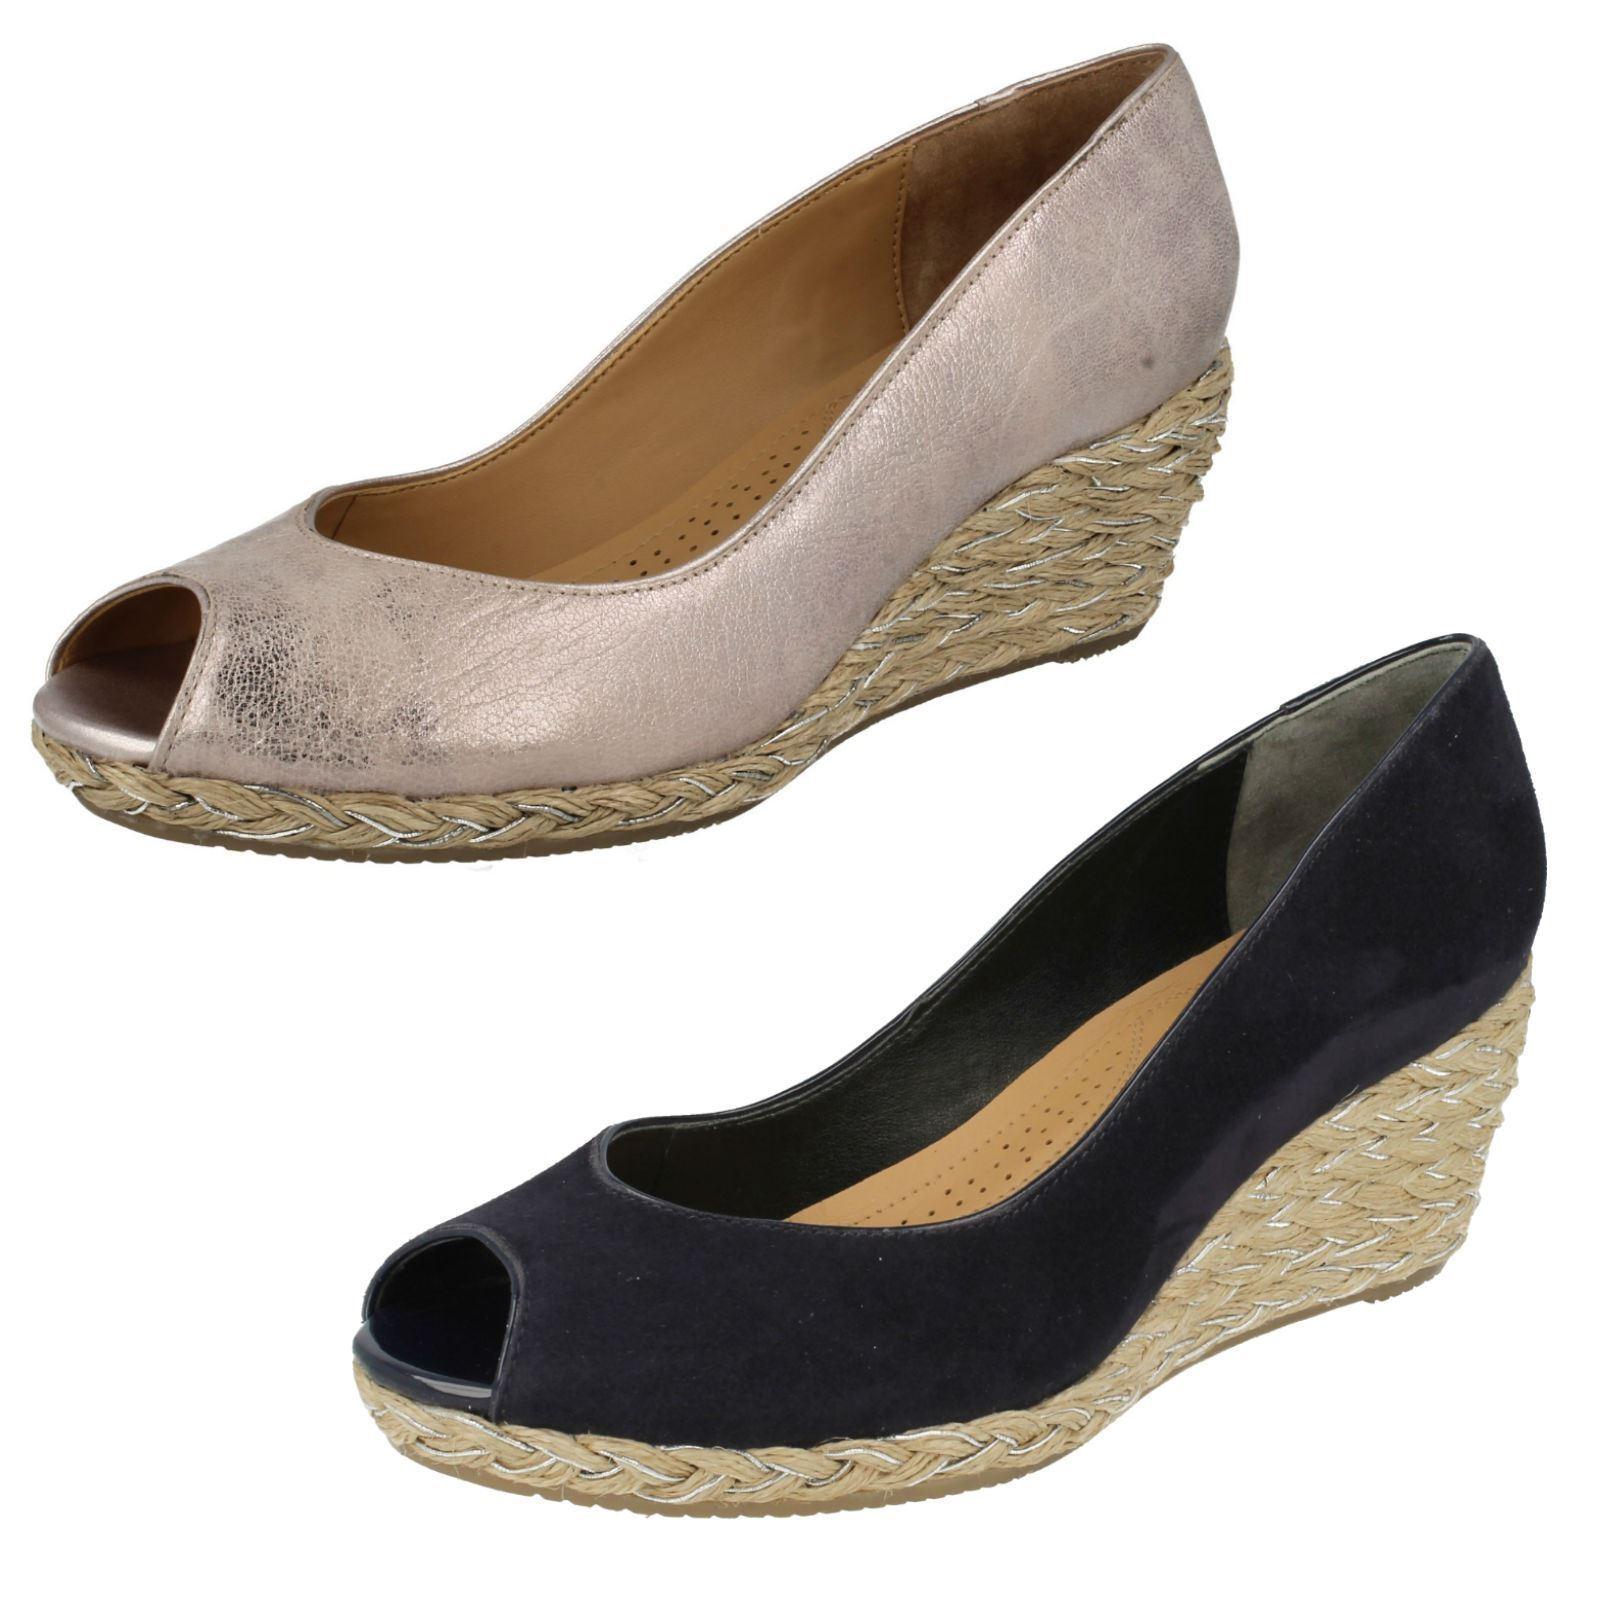 Van Van Van Dal Damas Peep Toe Cuña Zapatos 'Daly'  servicio considerado